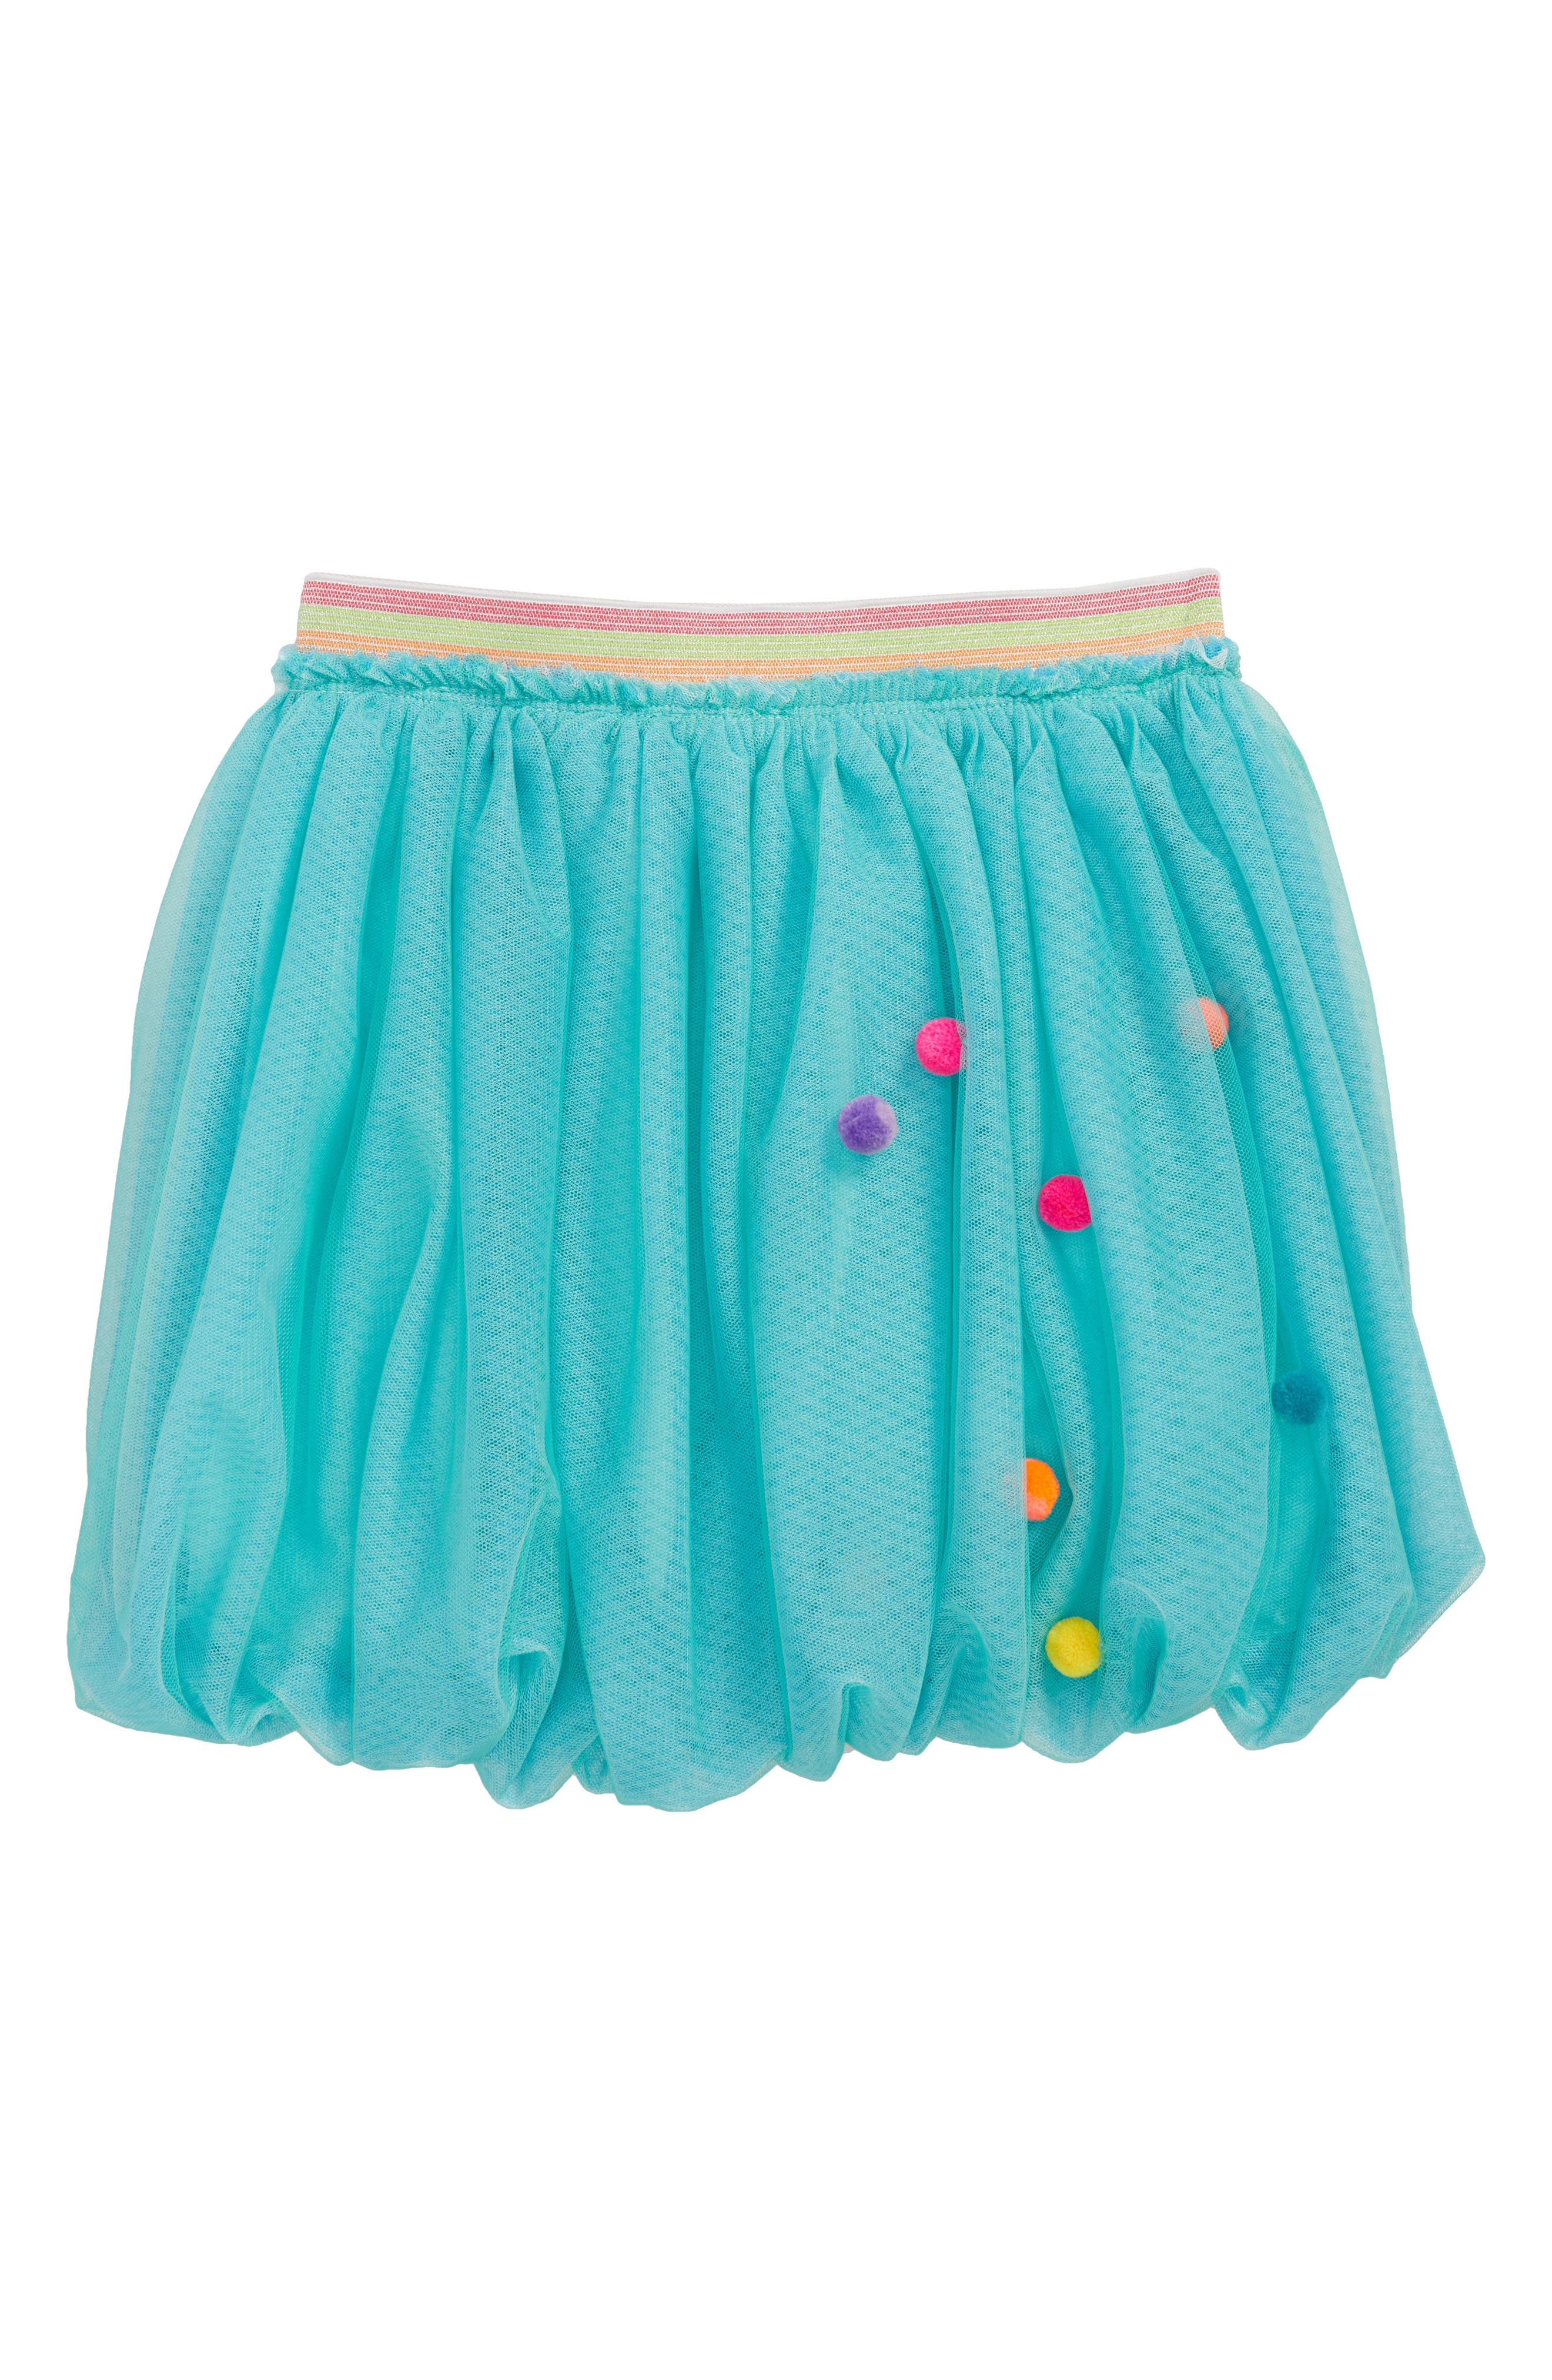 Truly Me Pompom Bubble Tutu Skirt (Toddler Girls & Little Girls)